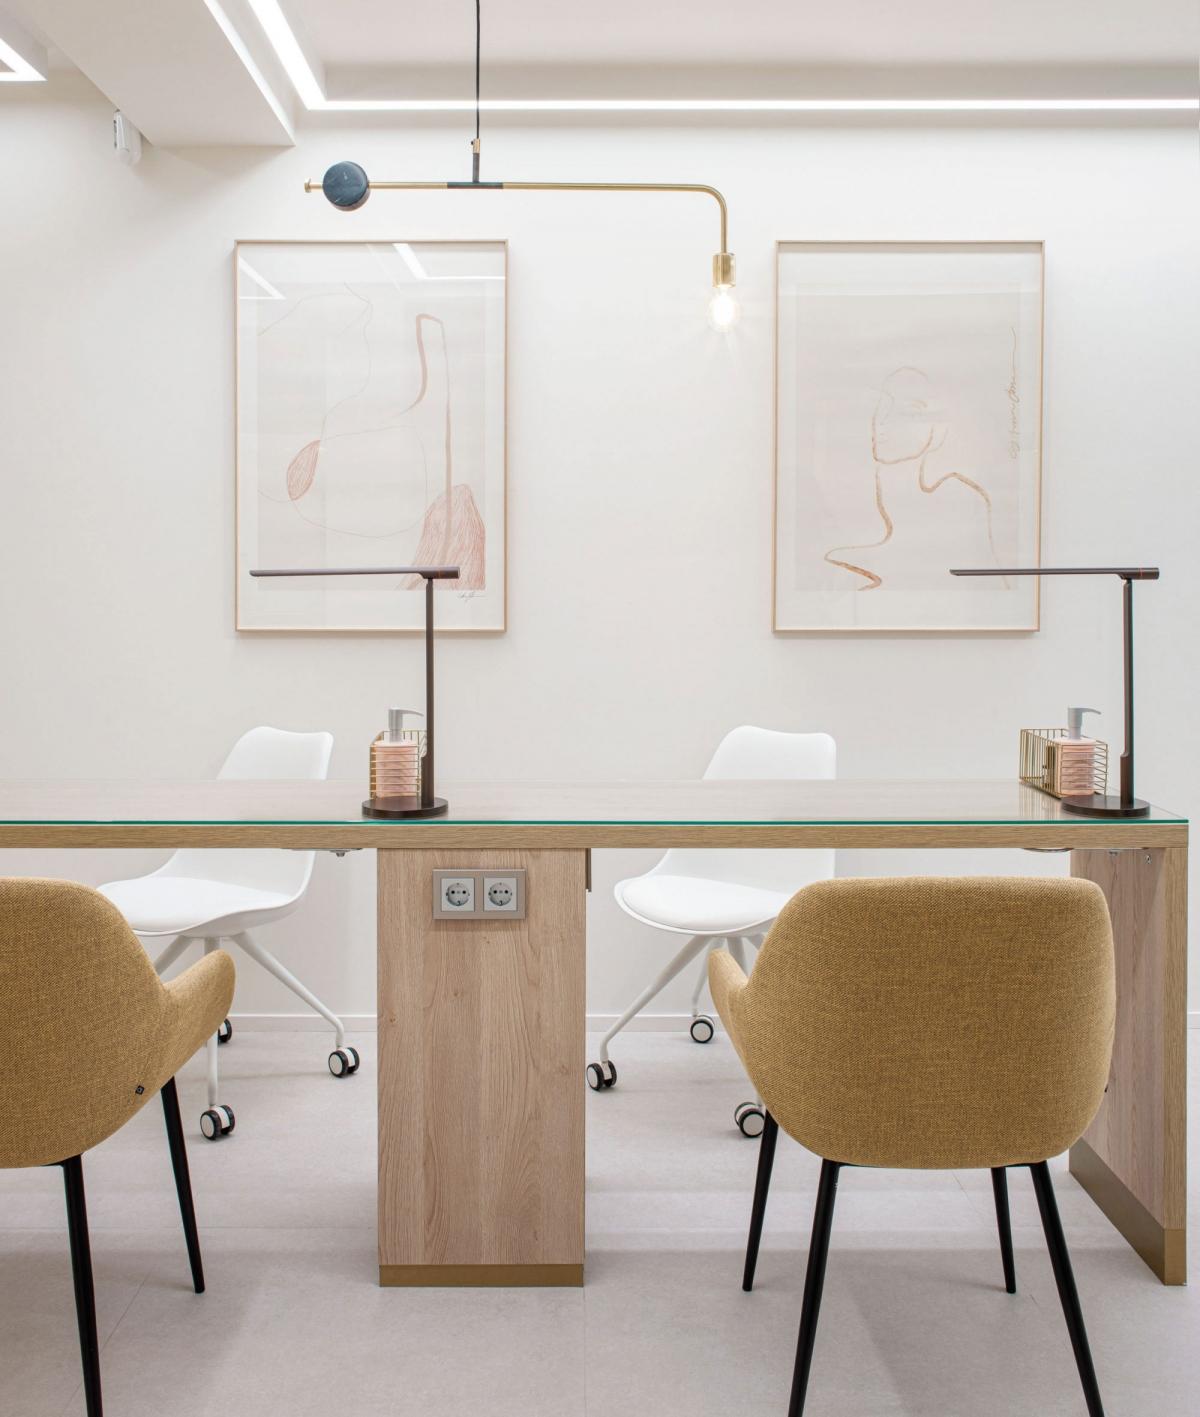 Дизайн офисного интерьера для приема клиентов